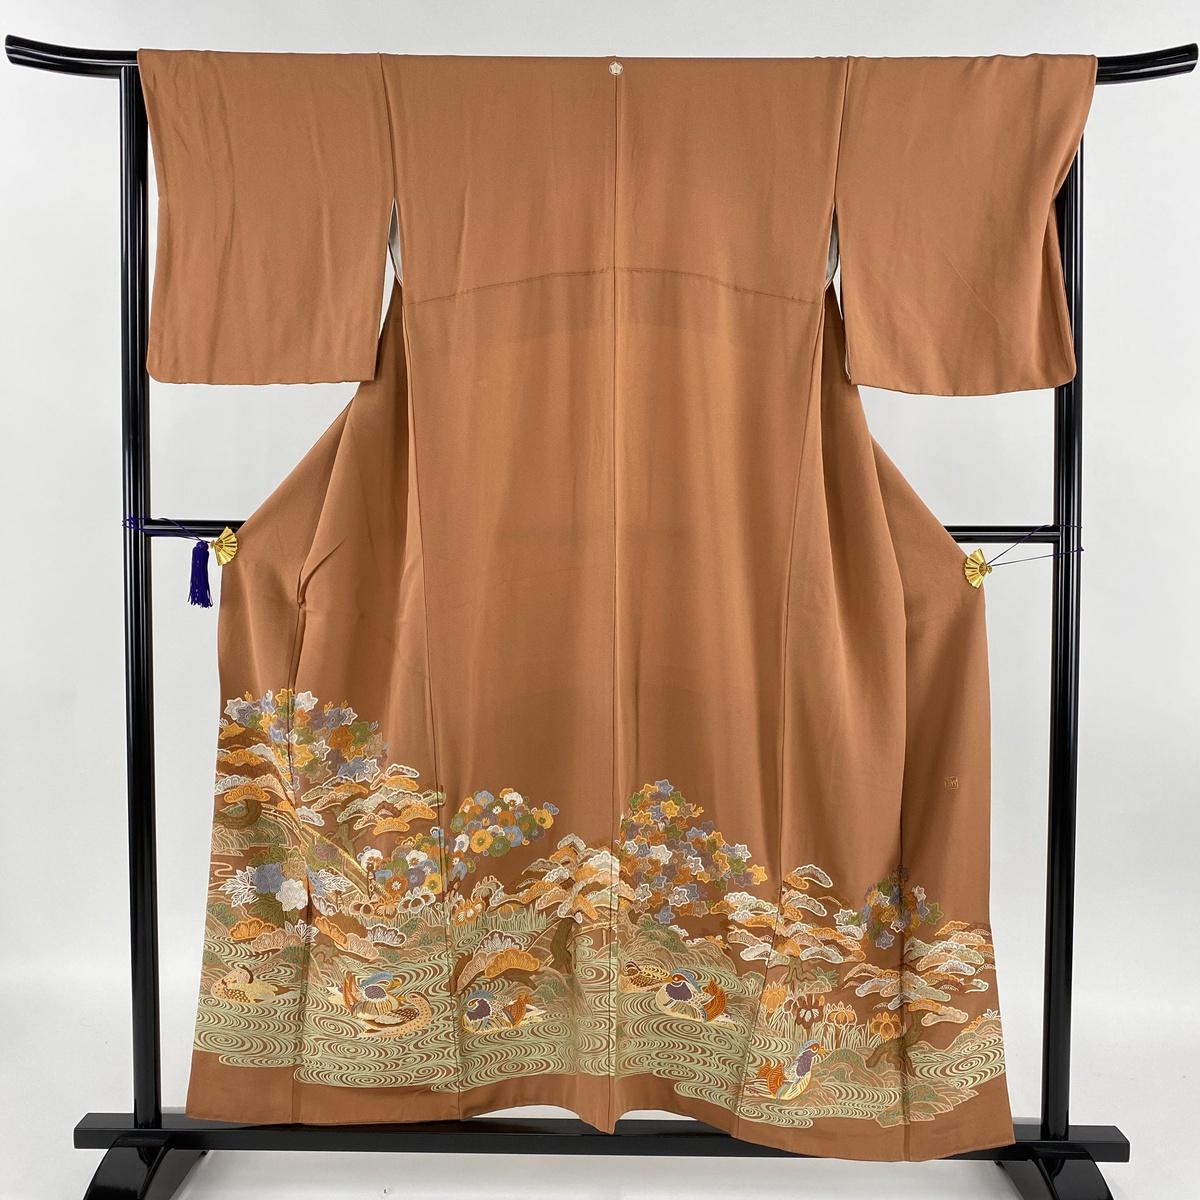 色留袖 美品 秀品 落款あり 一つ紋 おしどり 風景 金糸 刺繍 赤茶 袷 身丈156cm 裄丈66cm M 正絹 【中古】